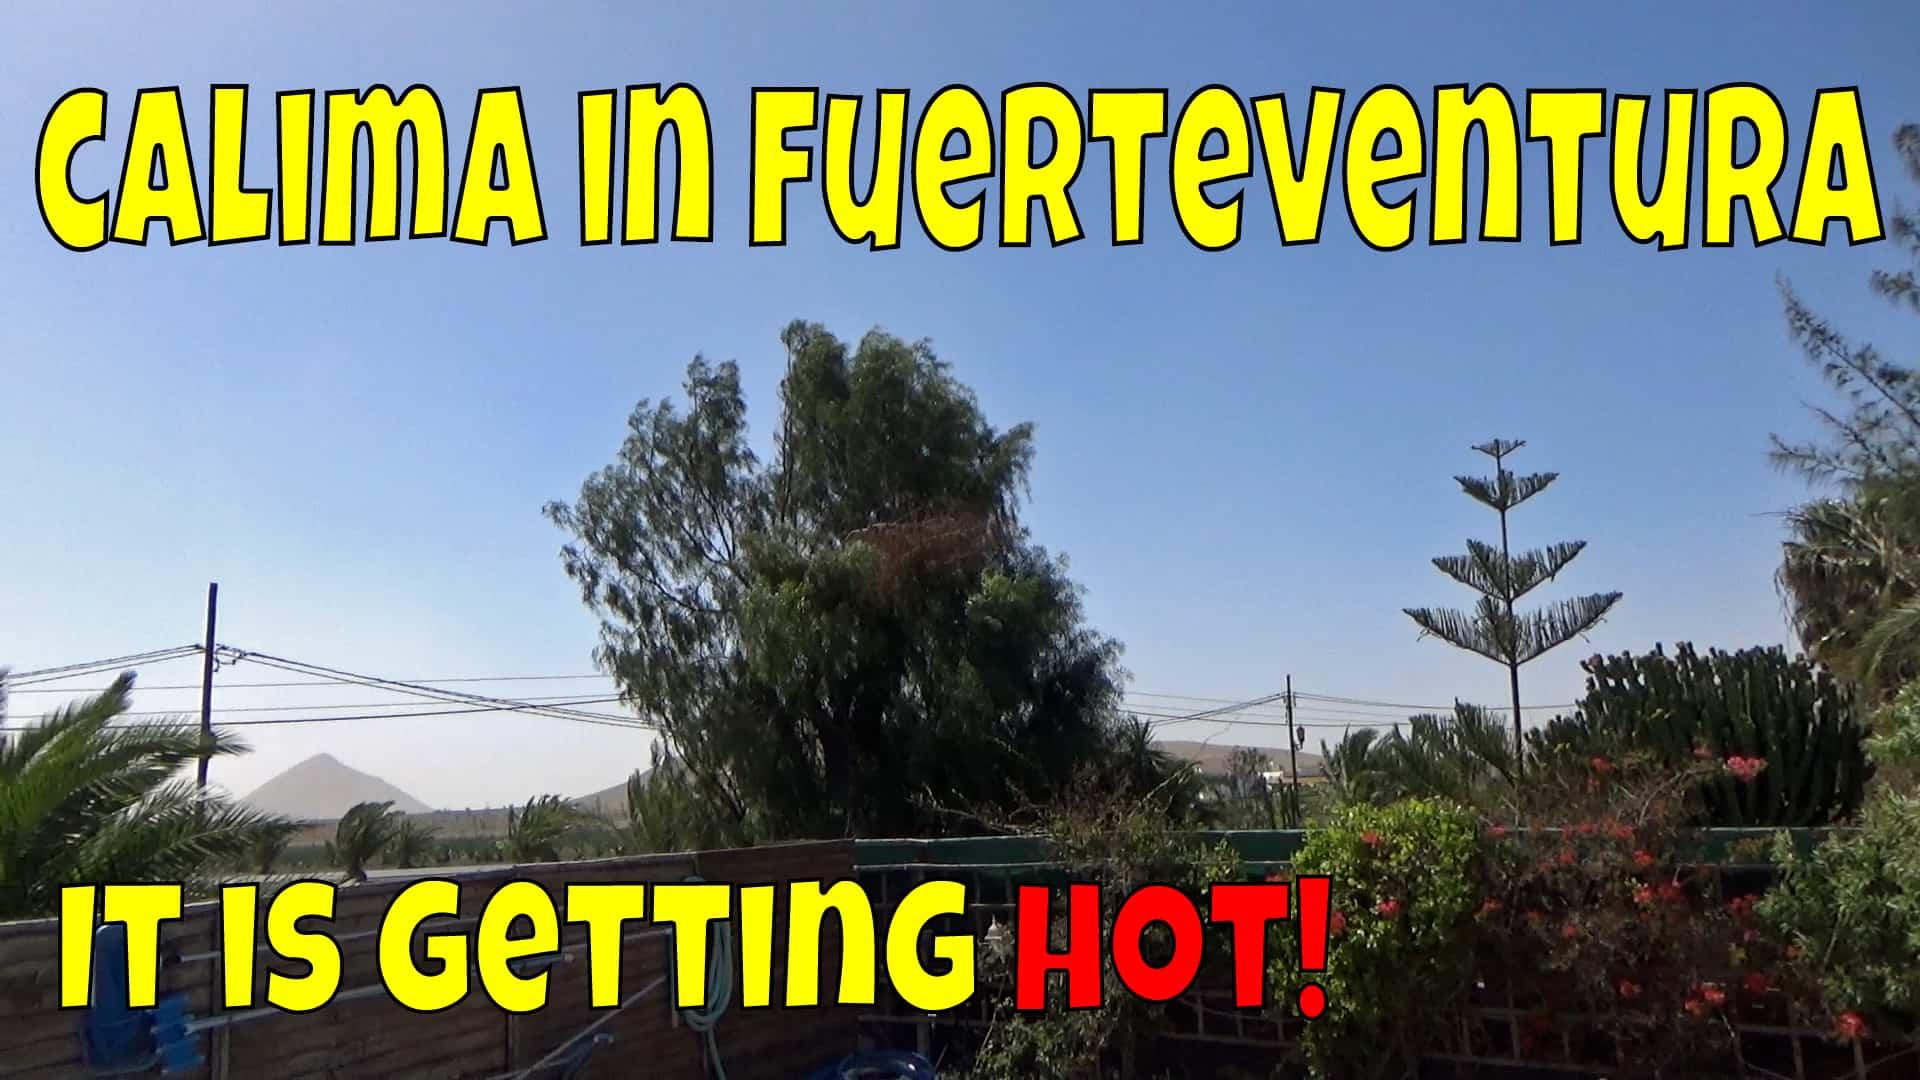 Fuerteventura Calima